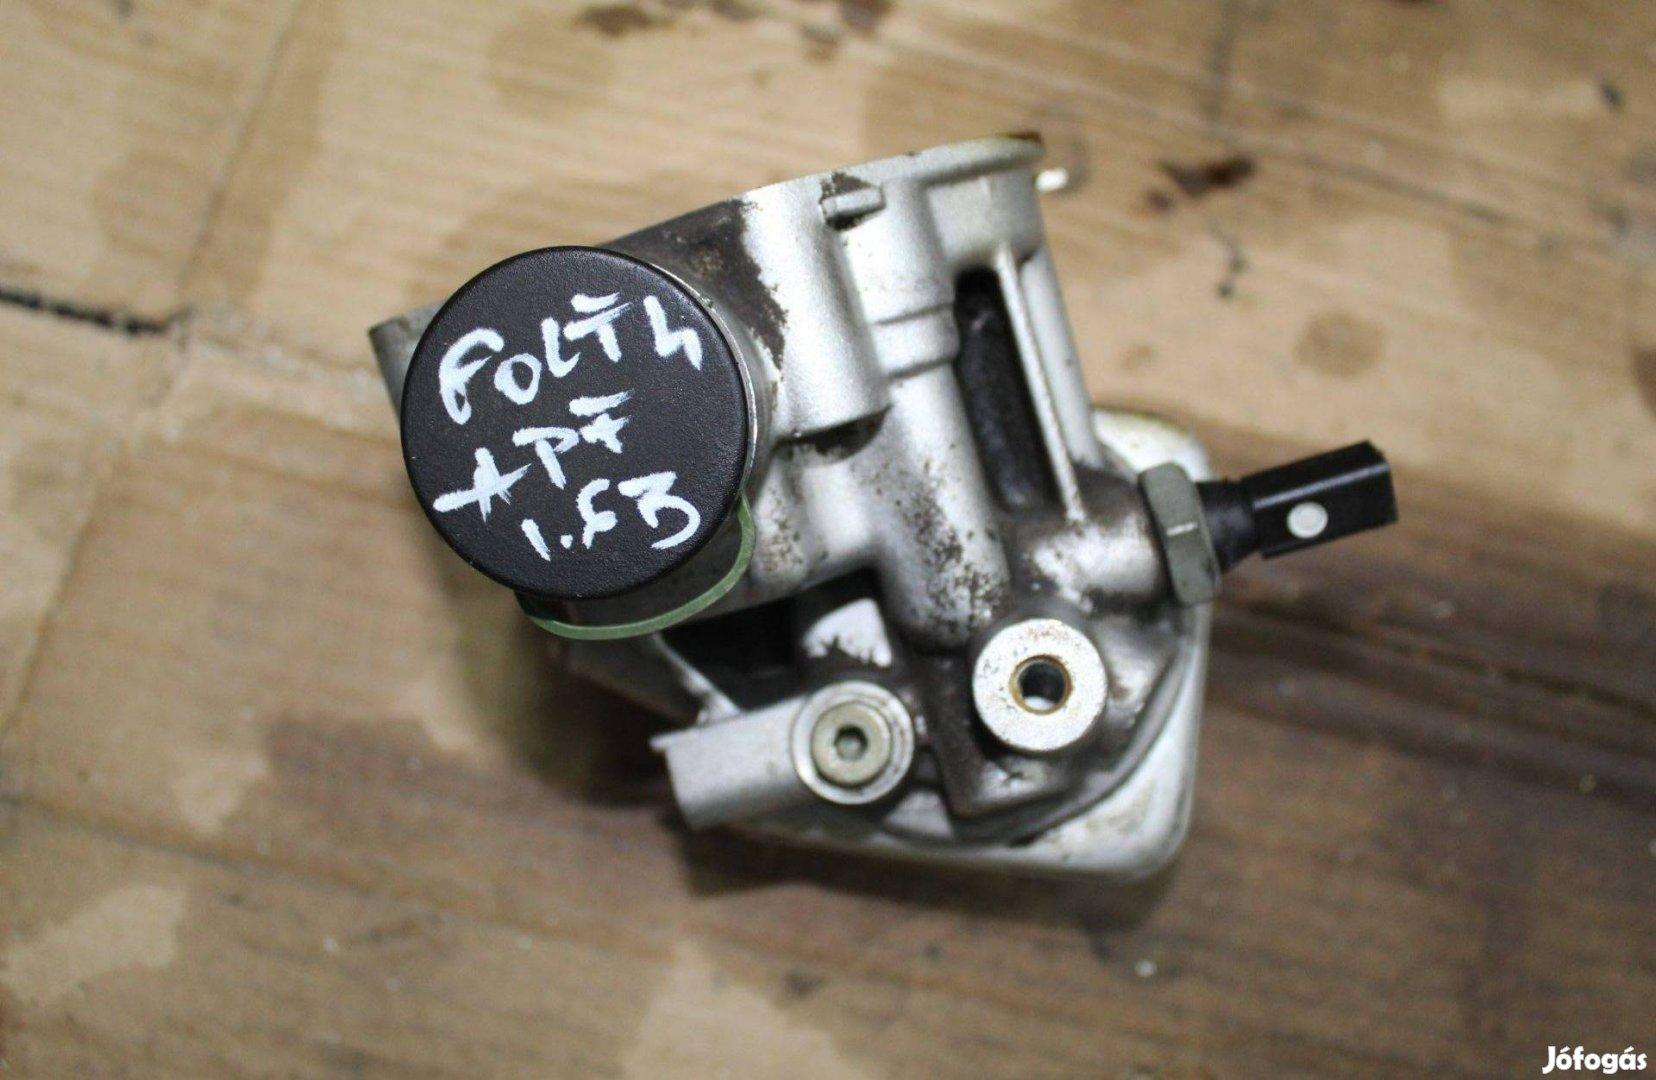 VW Golf 4 1.6 B '02 olajszűrőház 06A115417